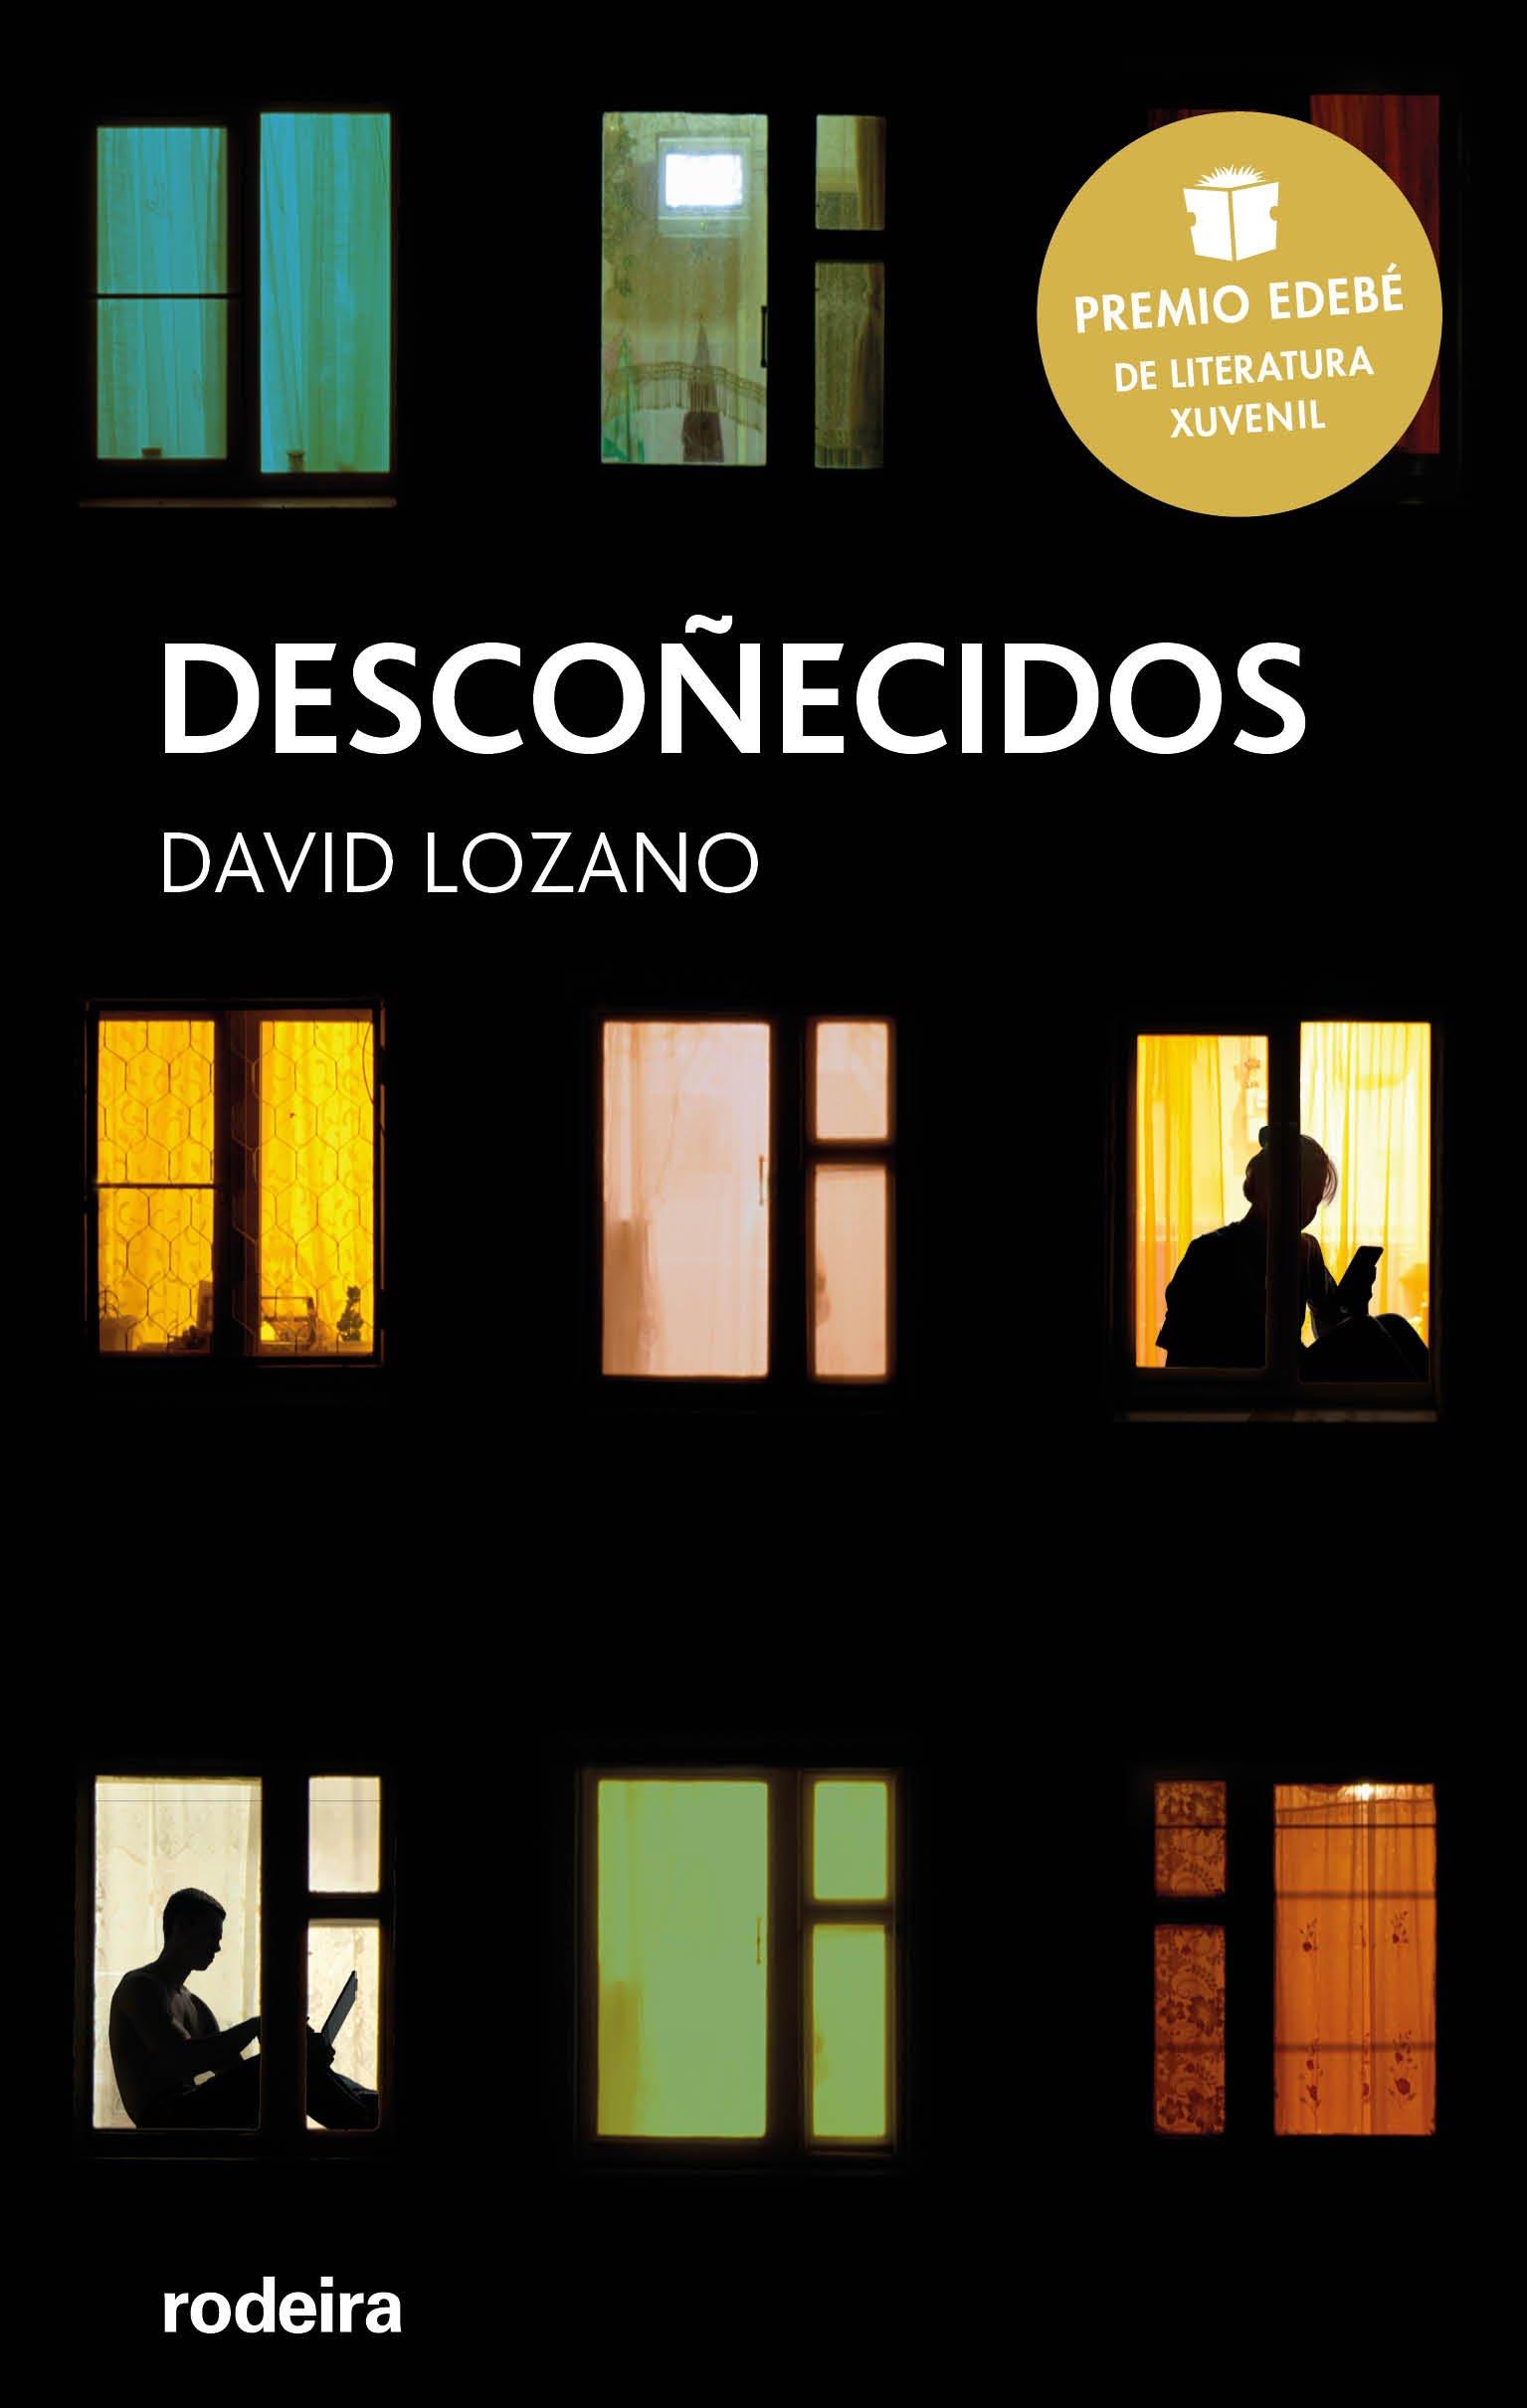 Descoñecidos (Periscopio) (Gallego) Tapa blanda – 10 mar 2018 David Lozano 4AZVF|#RODEIRA 8483495457 Galician (Gallego